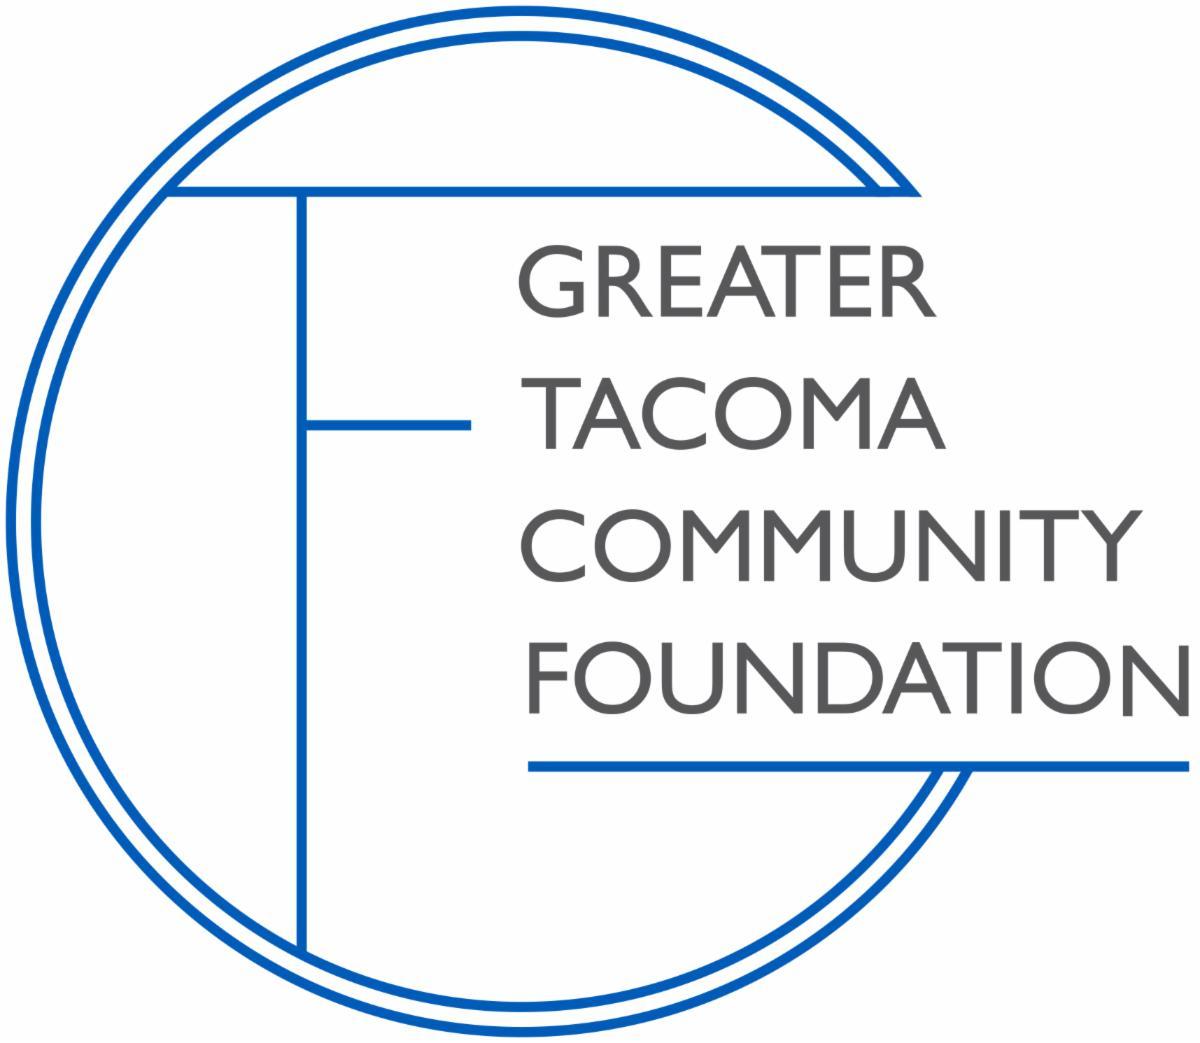 GTCF_logo_BLUE_FA.jpg